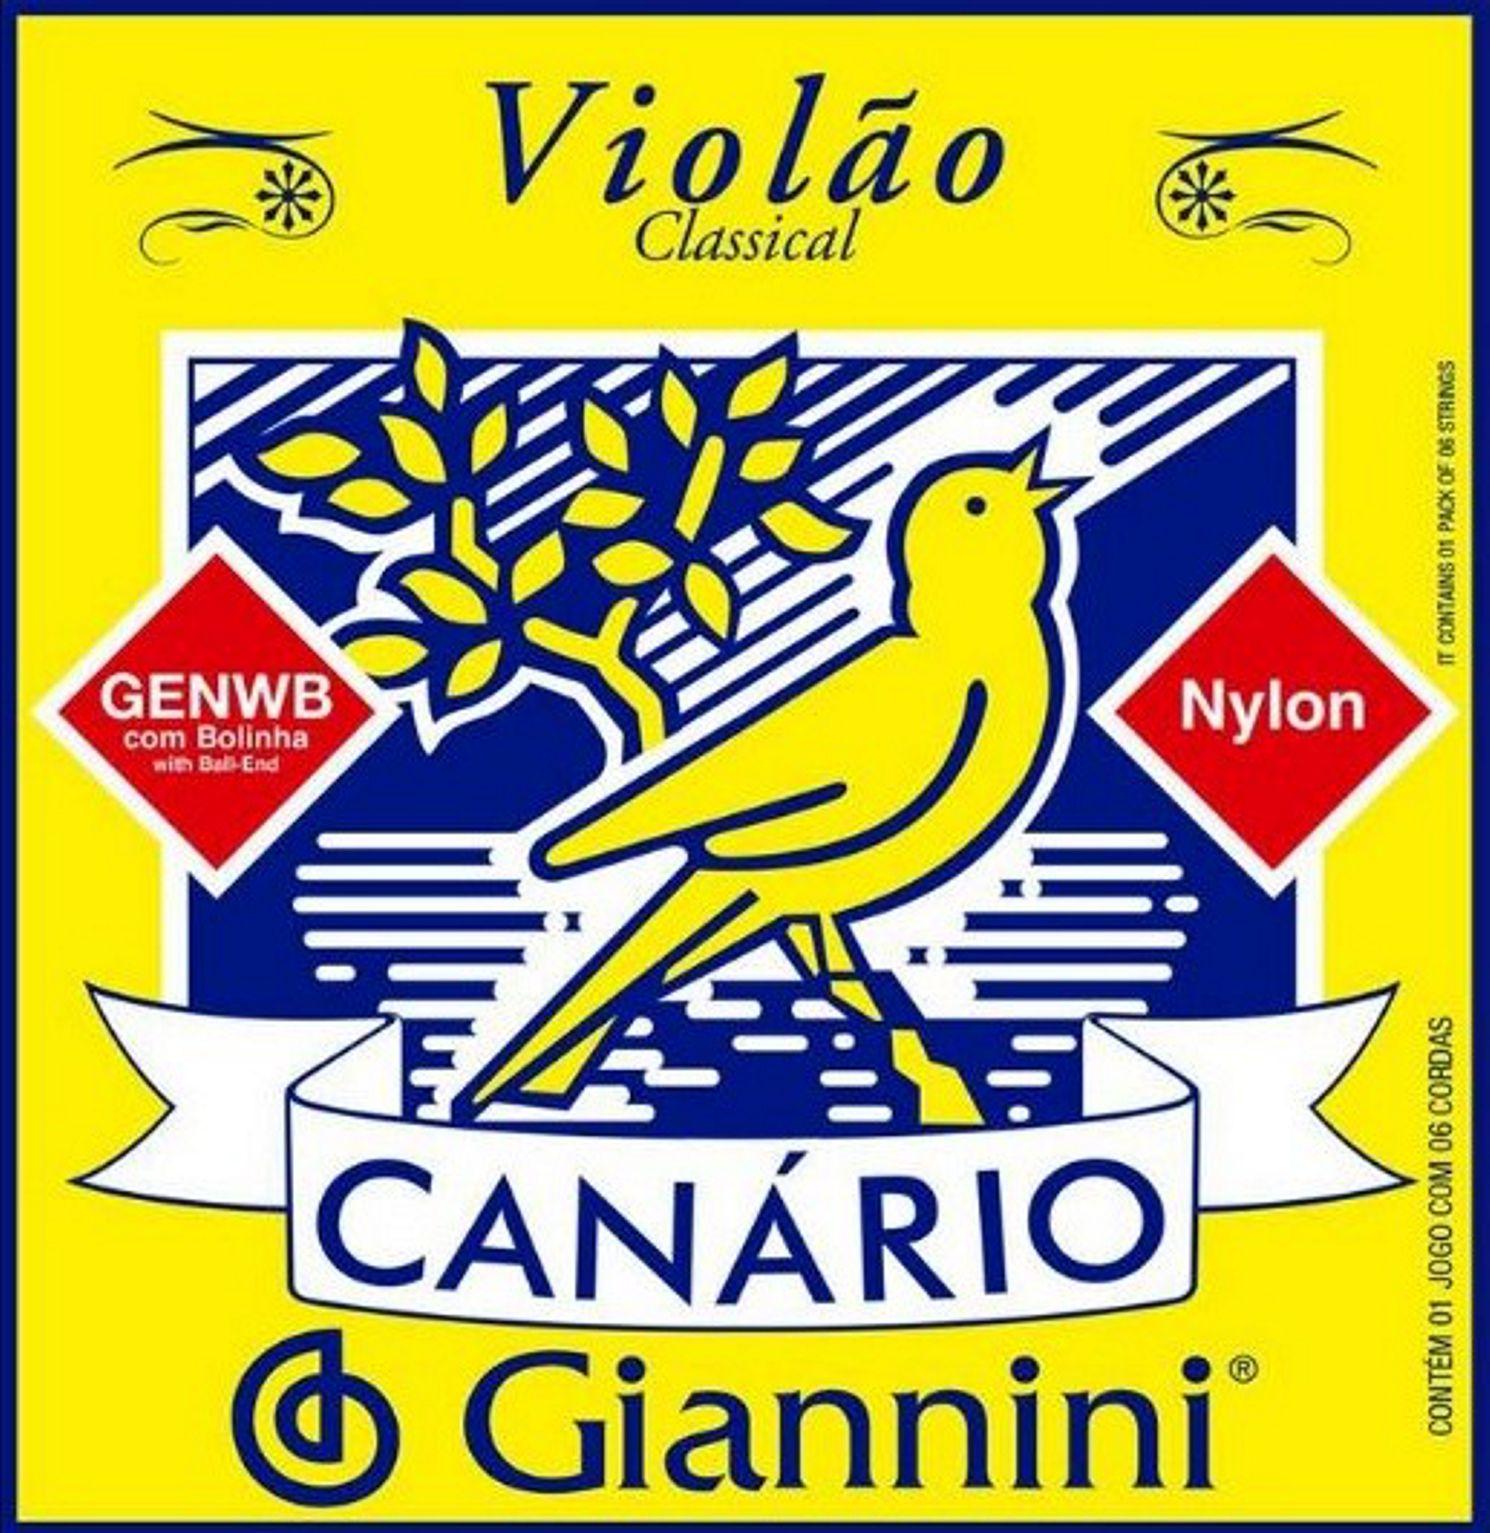 Encordoamento Giannini Canário Violão NYLON com Bolinha - Cordas de NYLON para Violão - GENWB